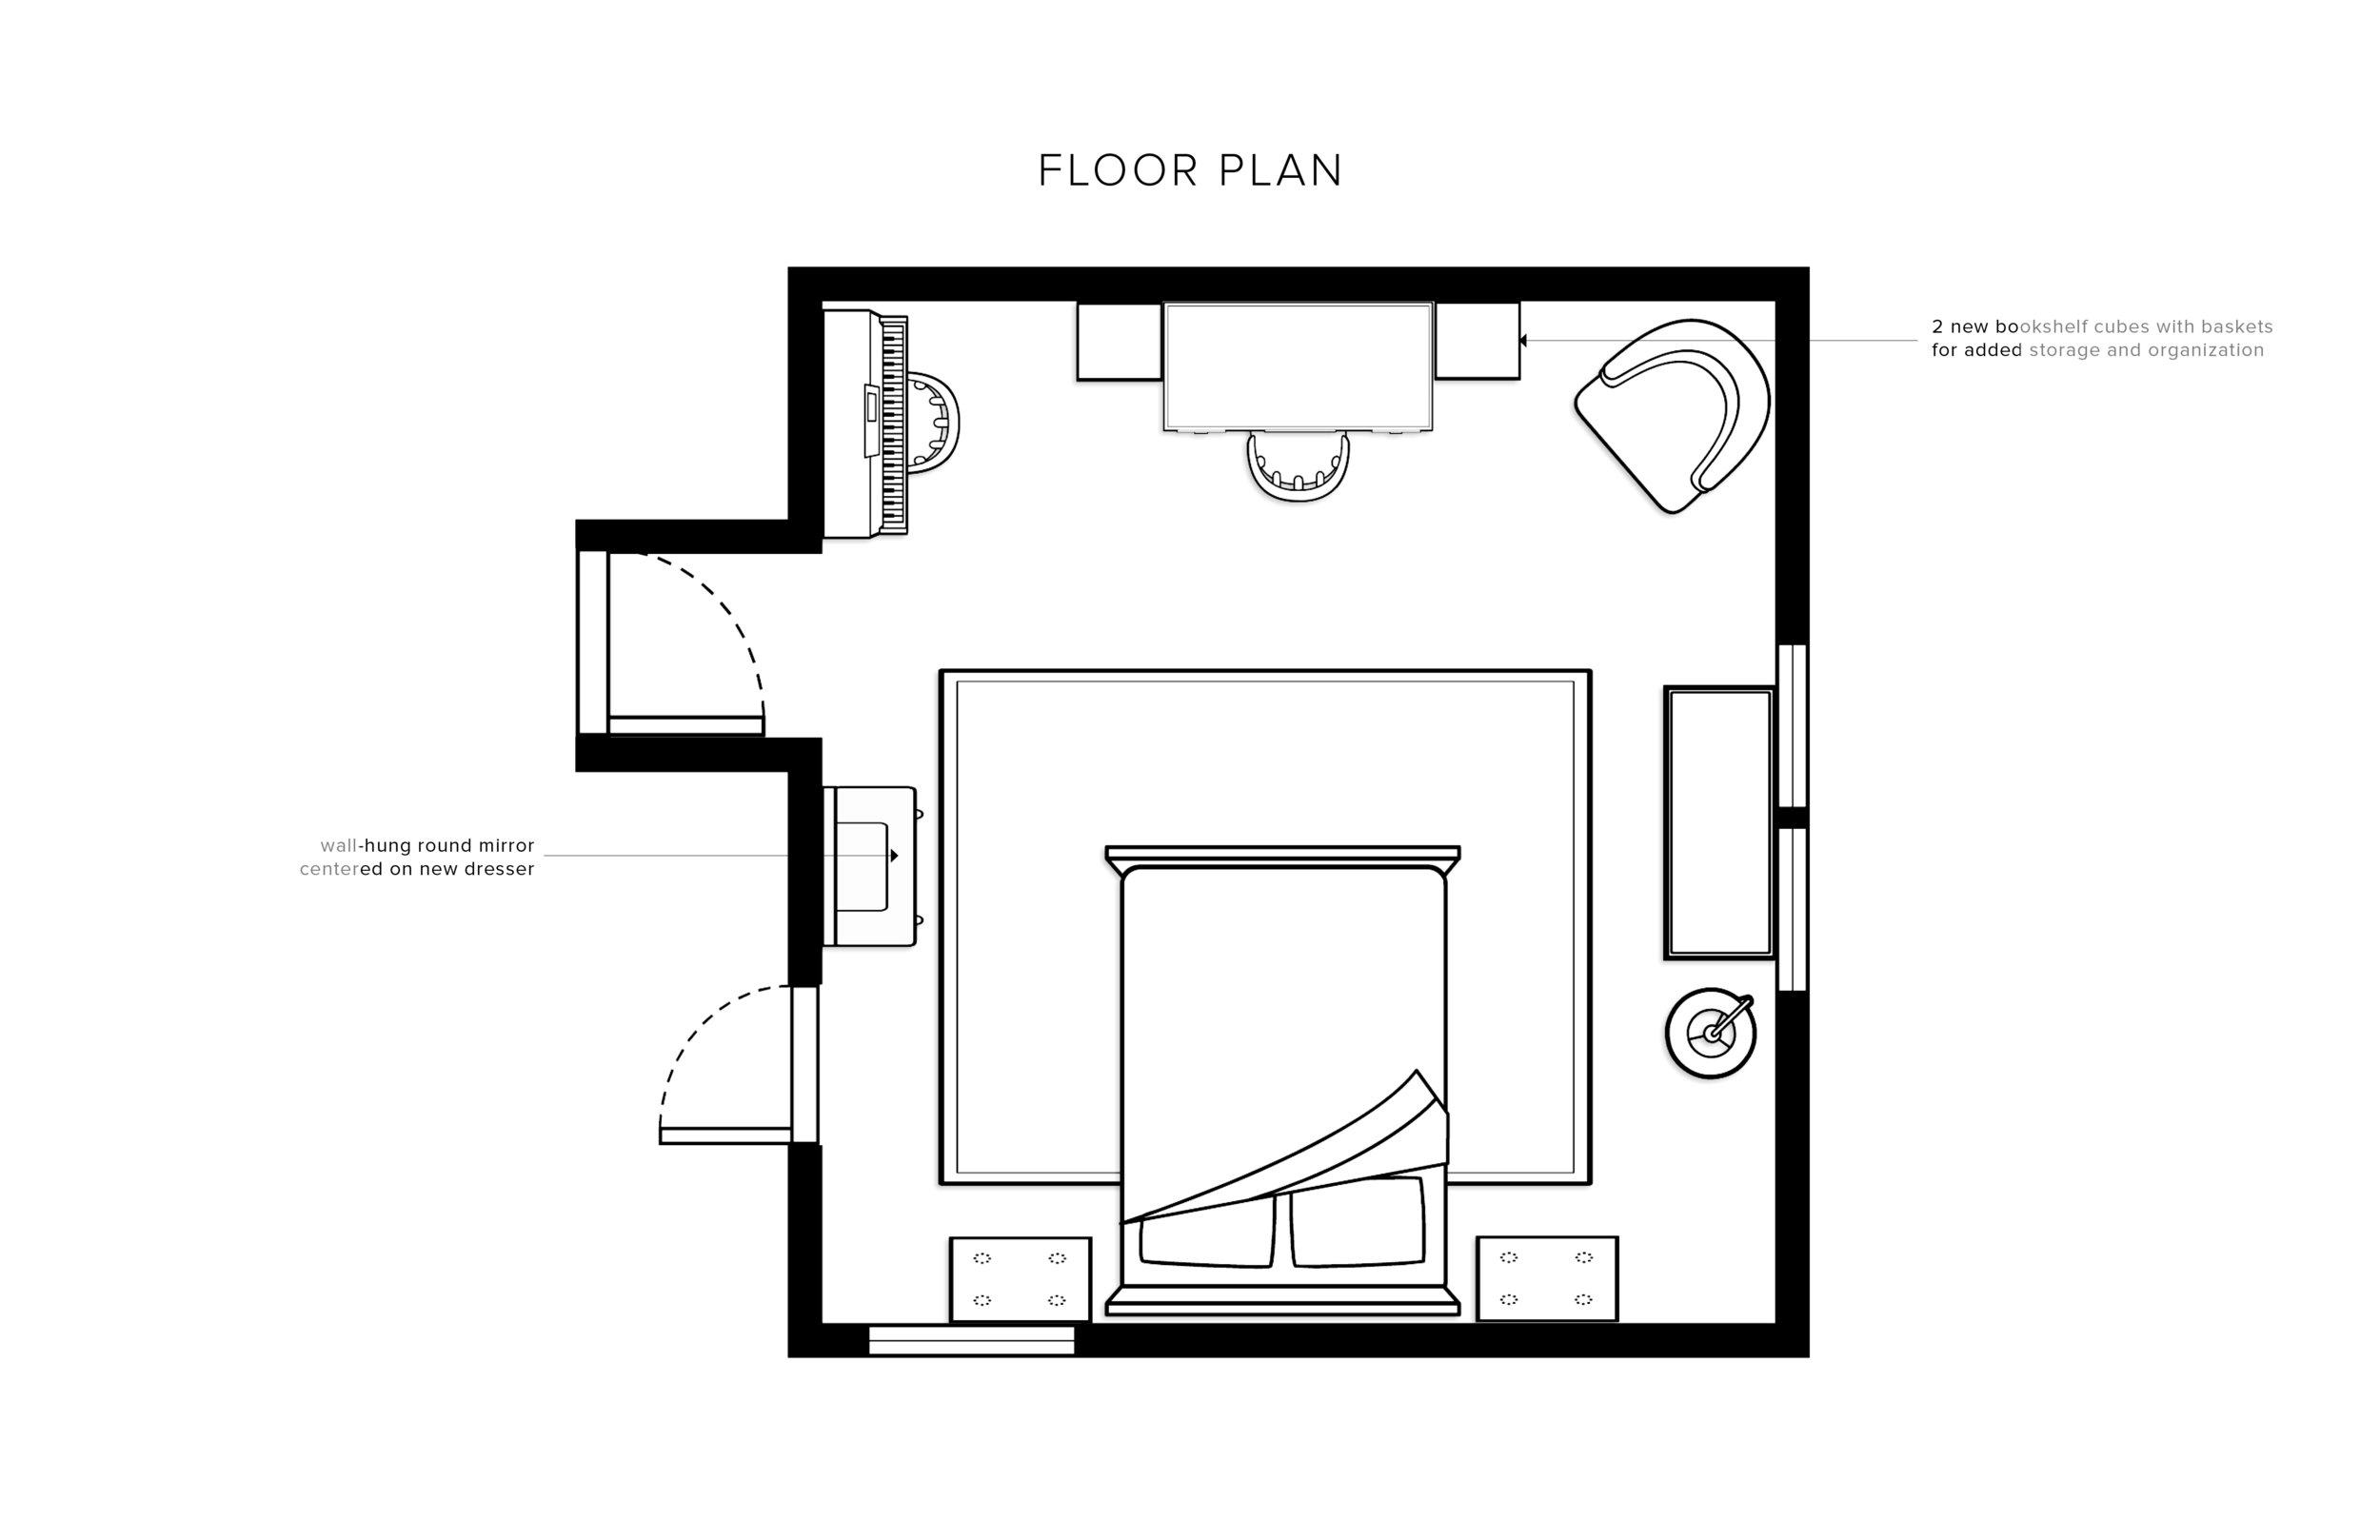 TW Final Floor Plan.jpg